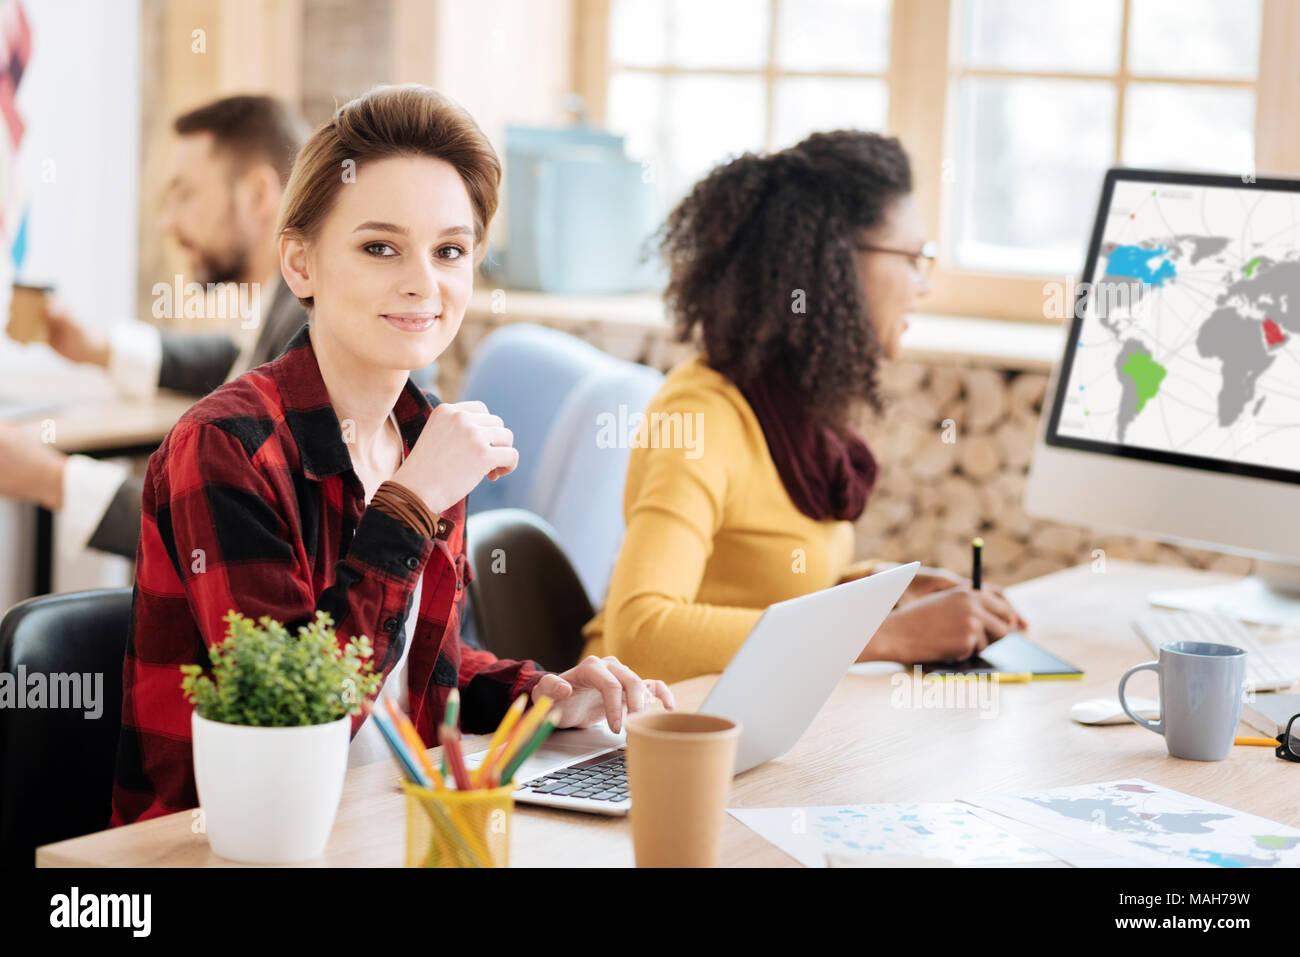 Fröhliche blonde Frau an ihrem Laptop Stockfoto